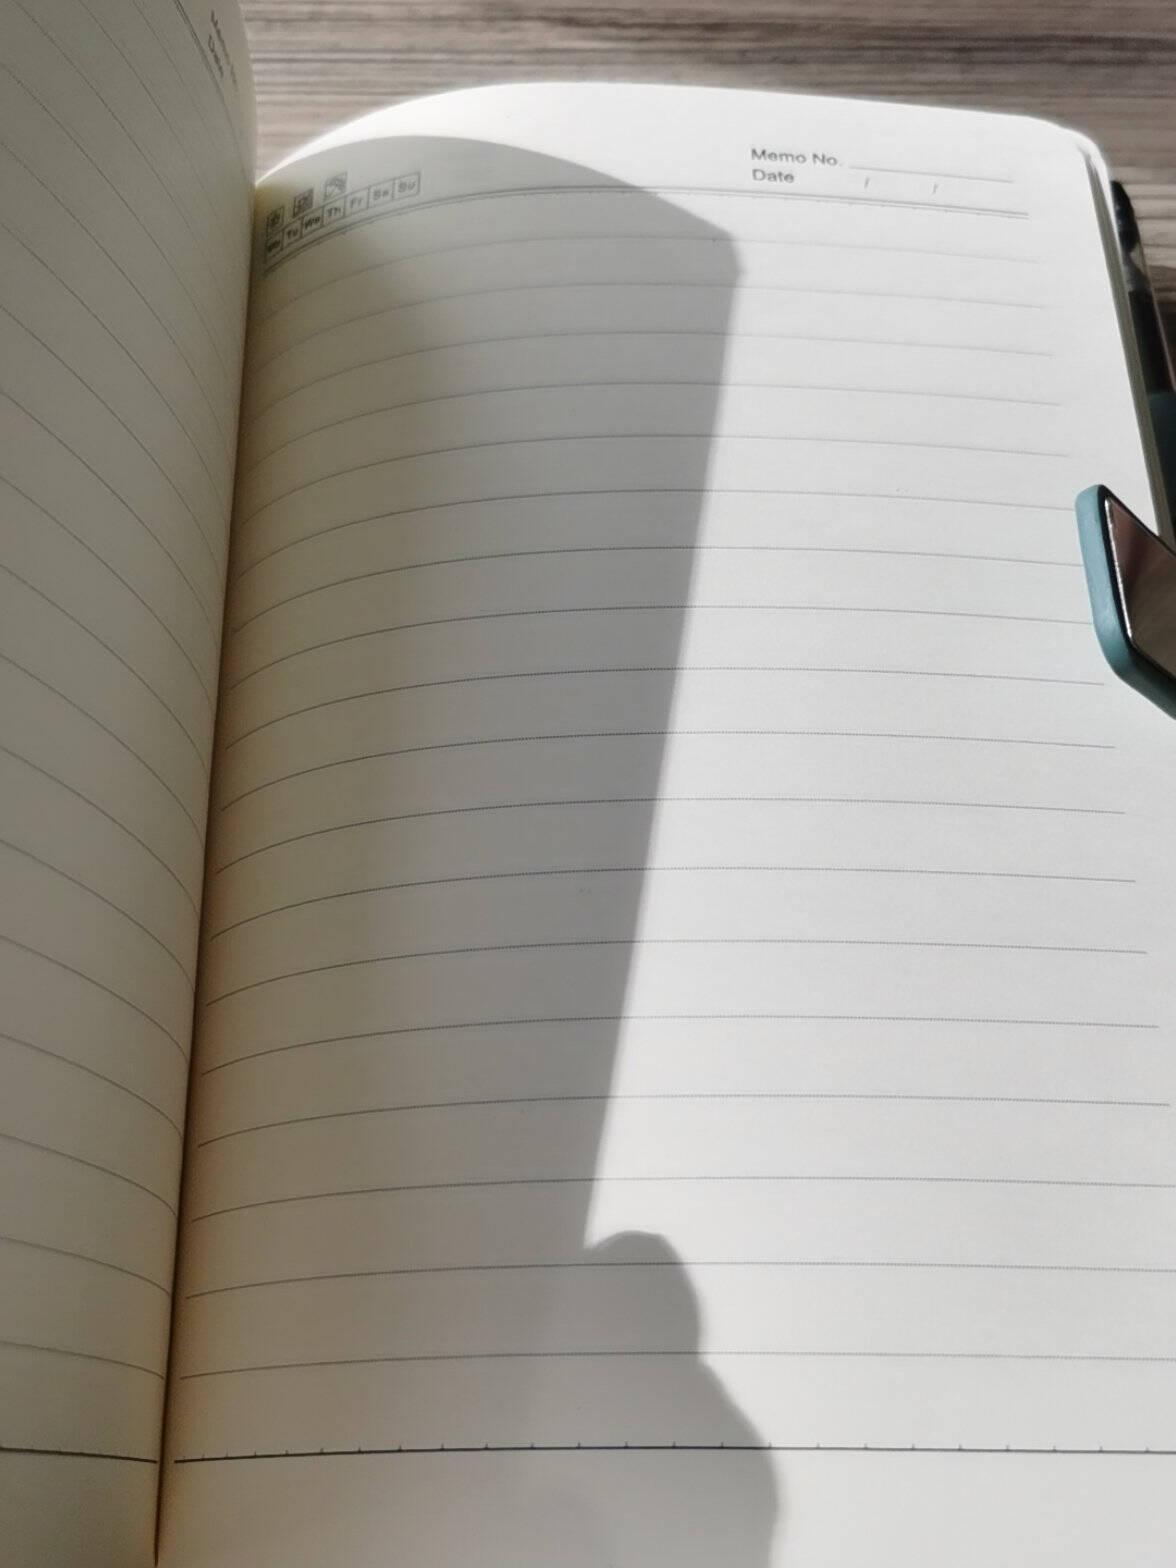 简勋a5笔记本子简约加厚皮面商务记事本b5商务高档精致工作会议日记学生记录本可定制LOGO办公文具A5浅蓝【单本款】